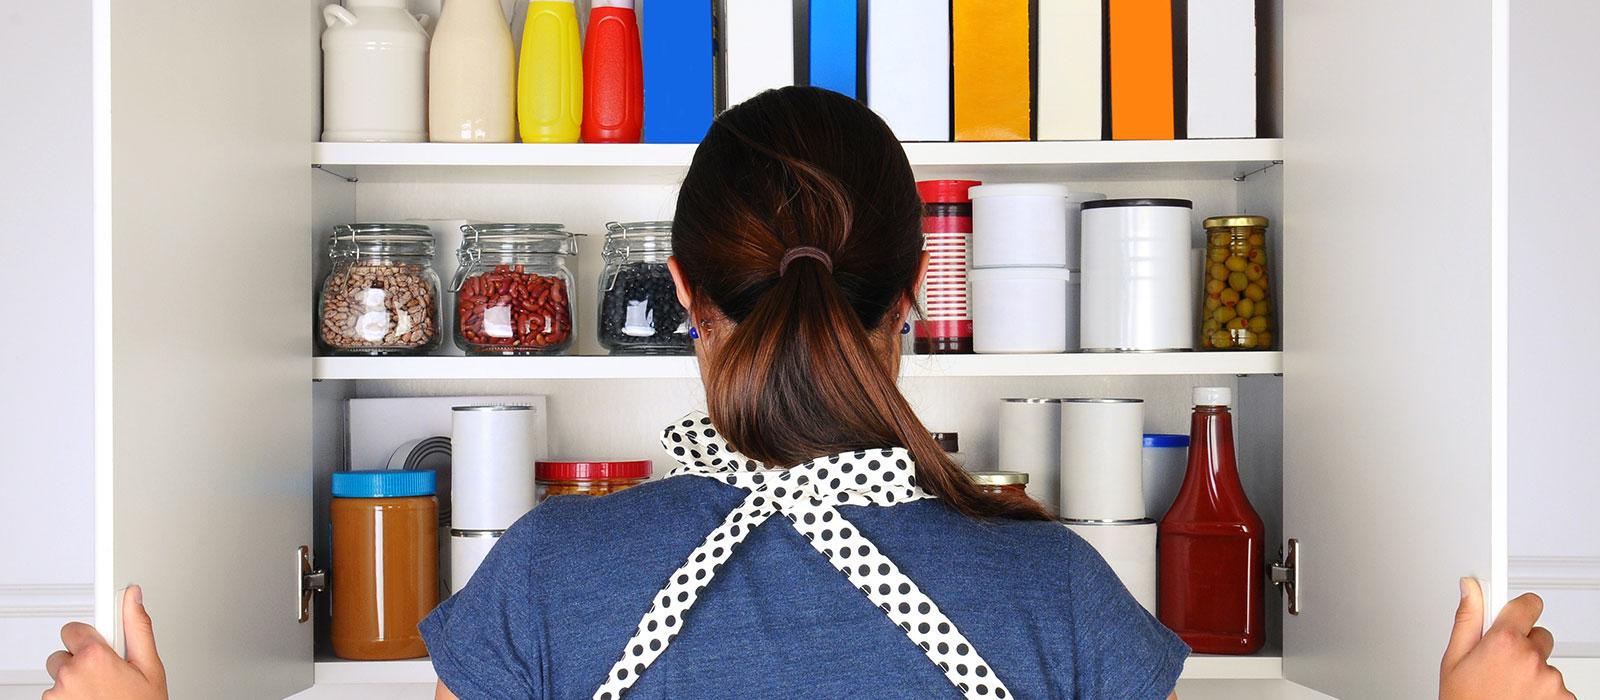 Etiquetas Adheribles para Productos